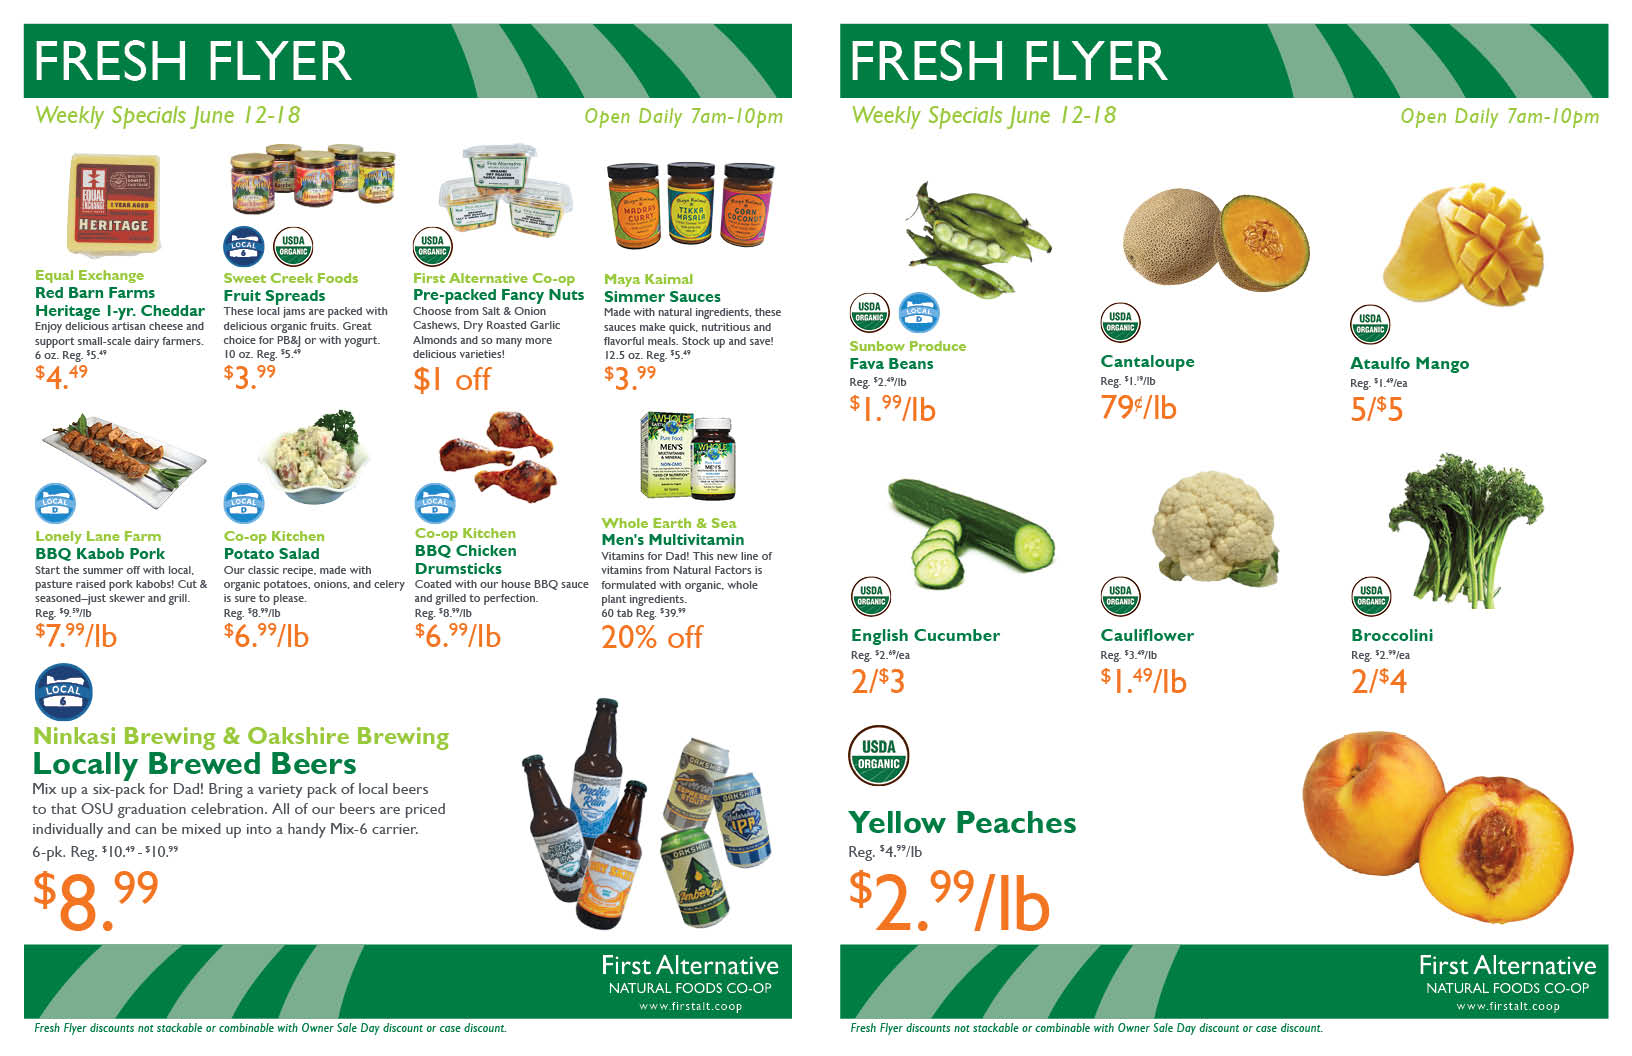 First Alternative Co-op Fresh Flyer June 12-18